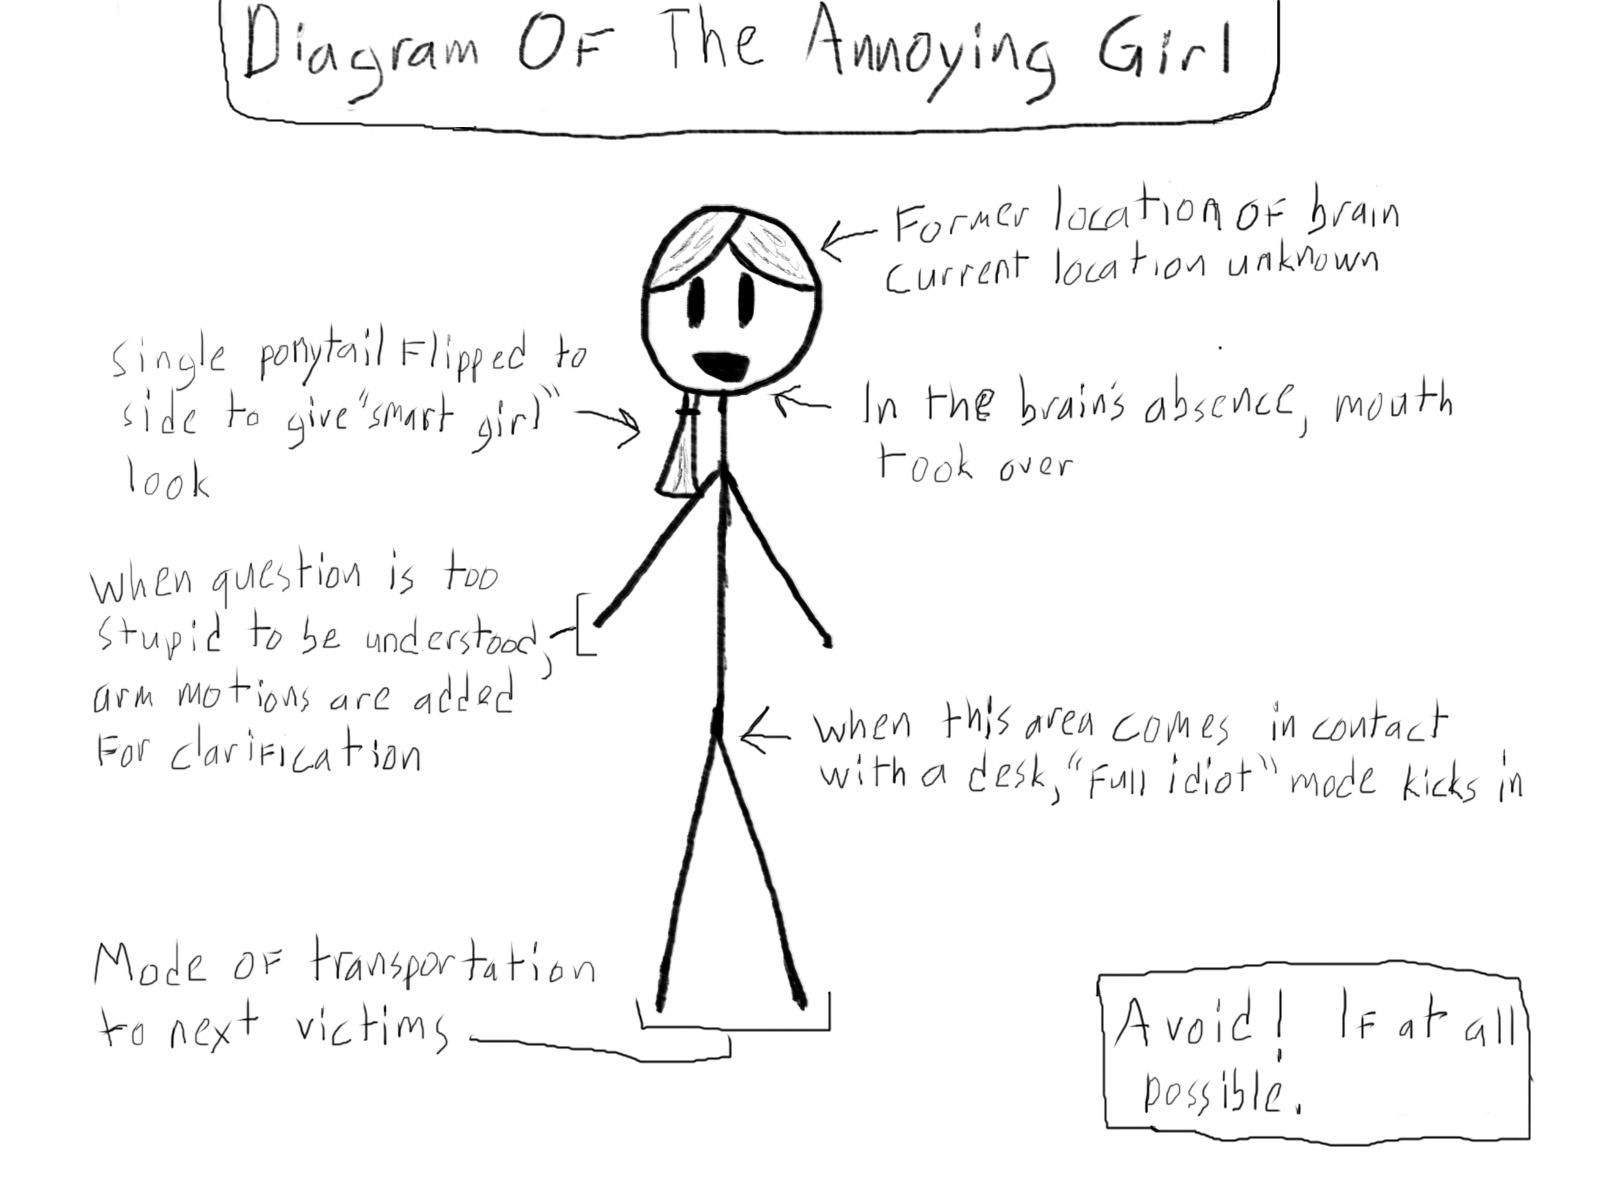 annoying_girl.jpg